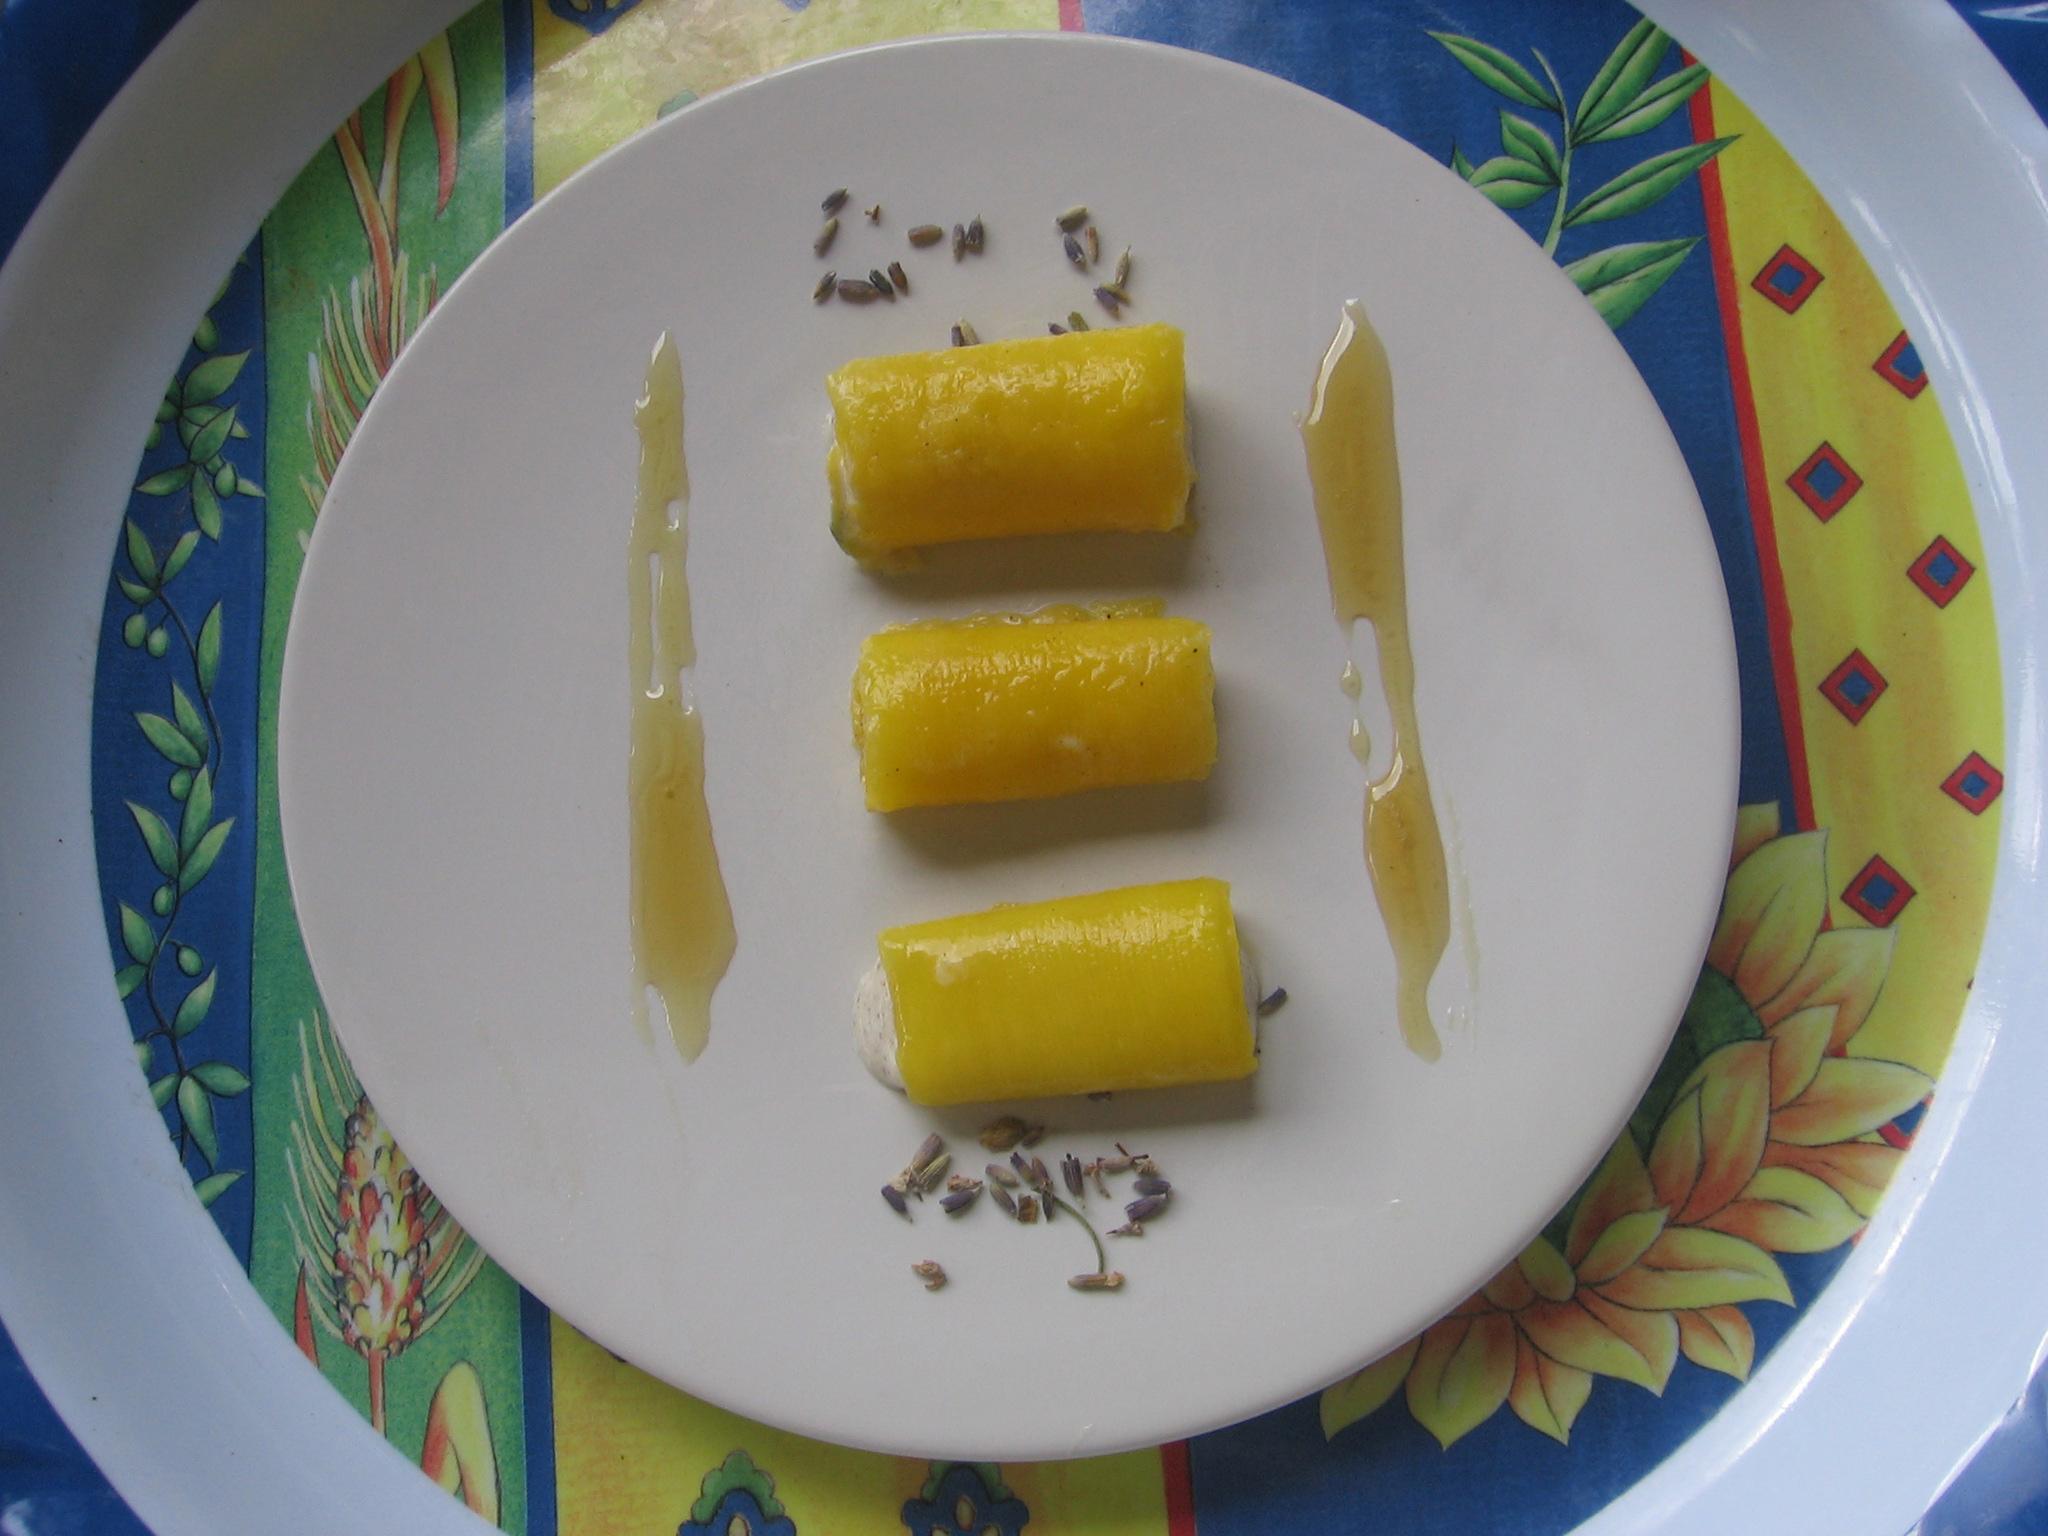 Cannelloni de mangue au miel de lavande